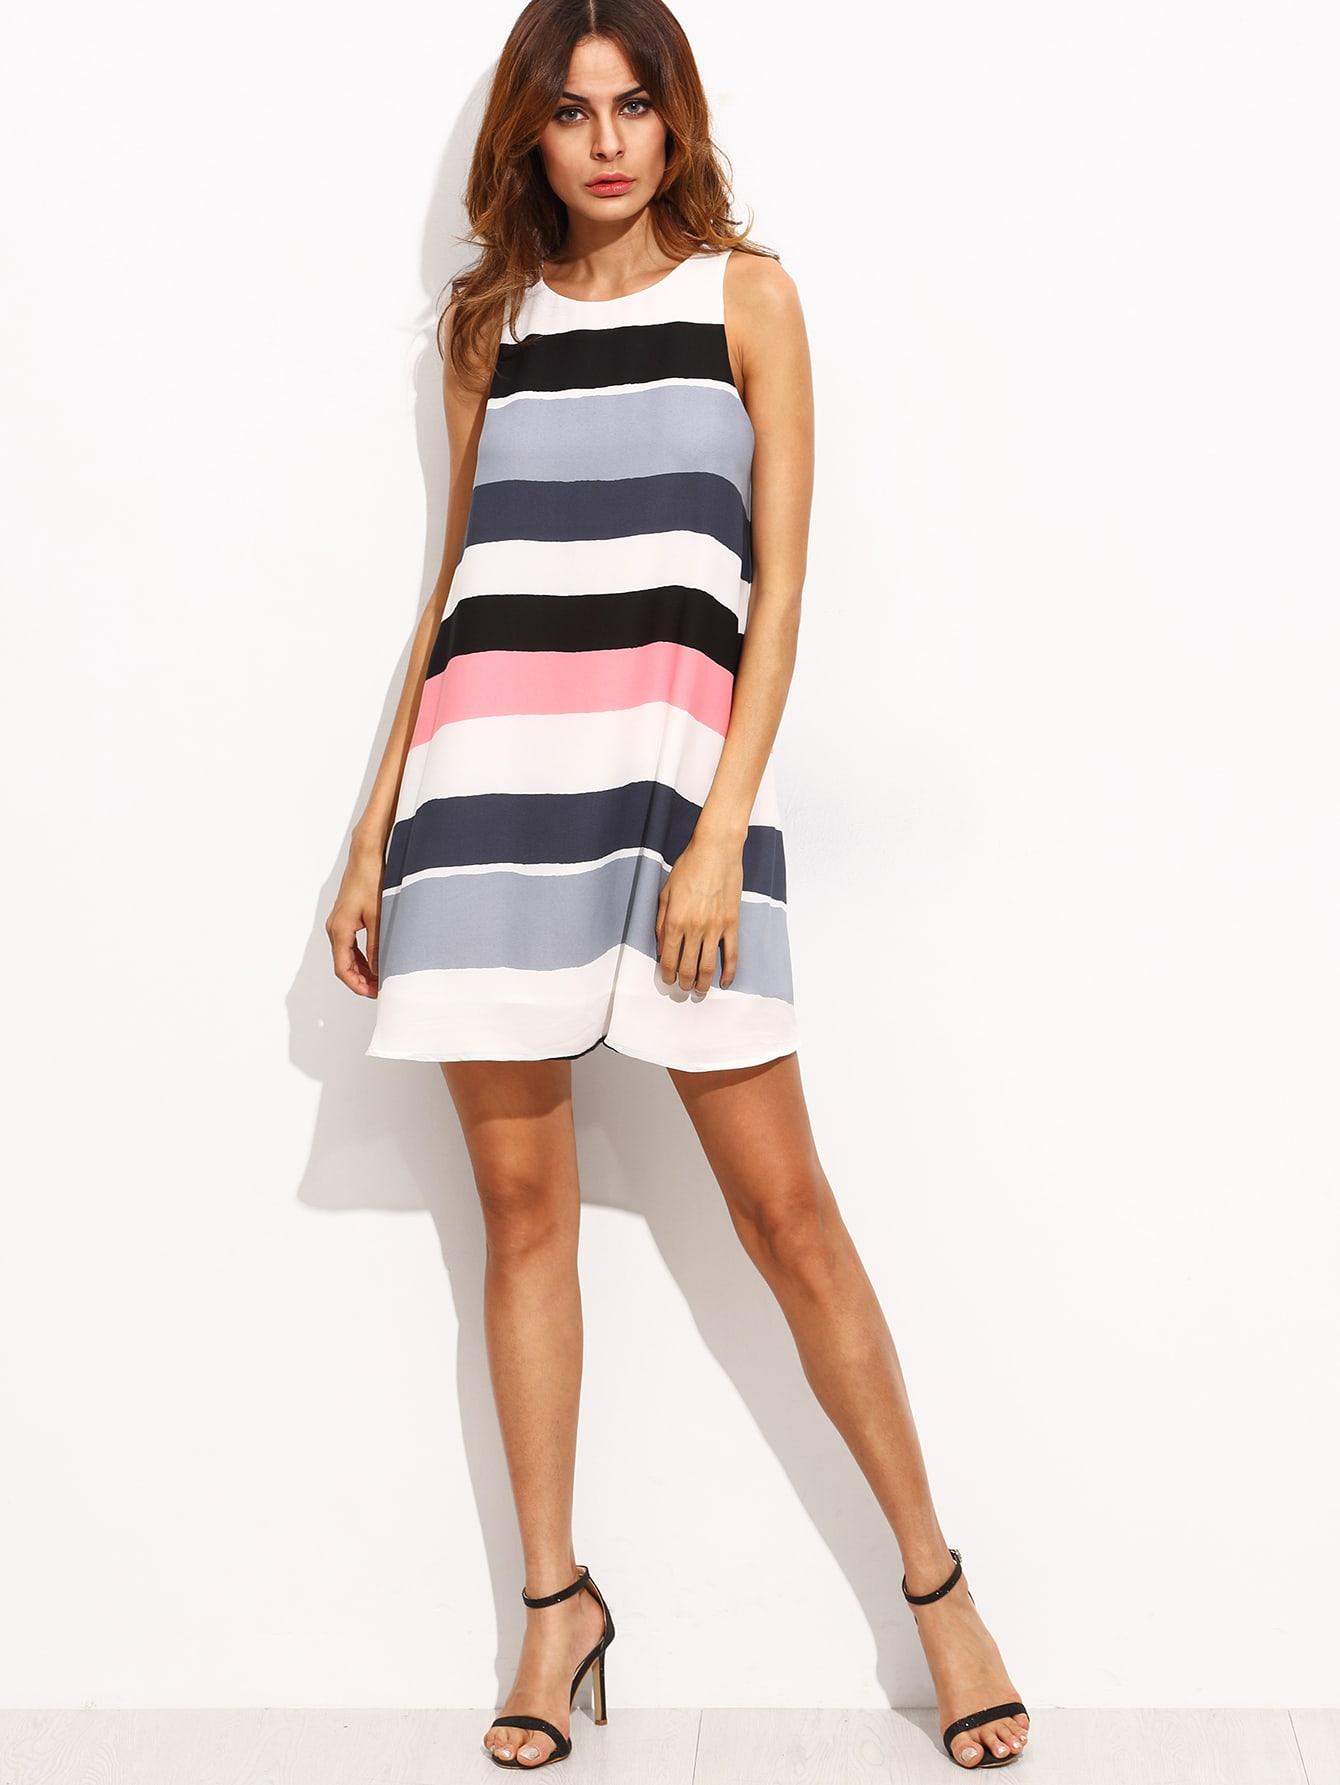 dress160726515_2